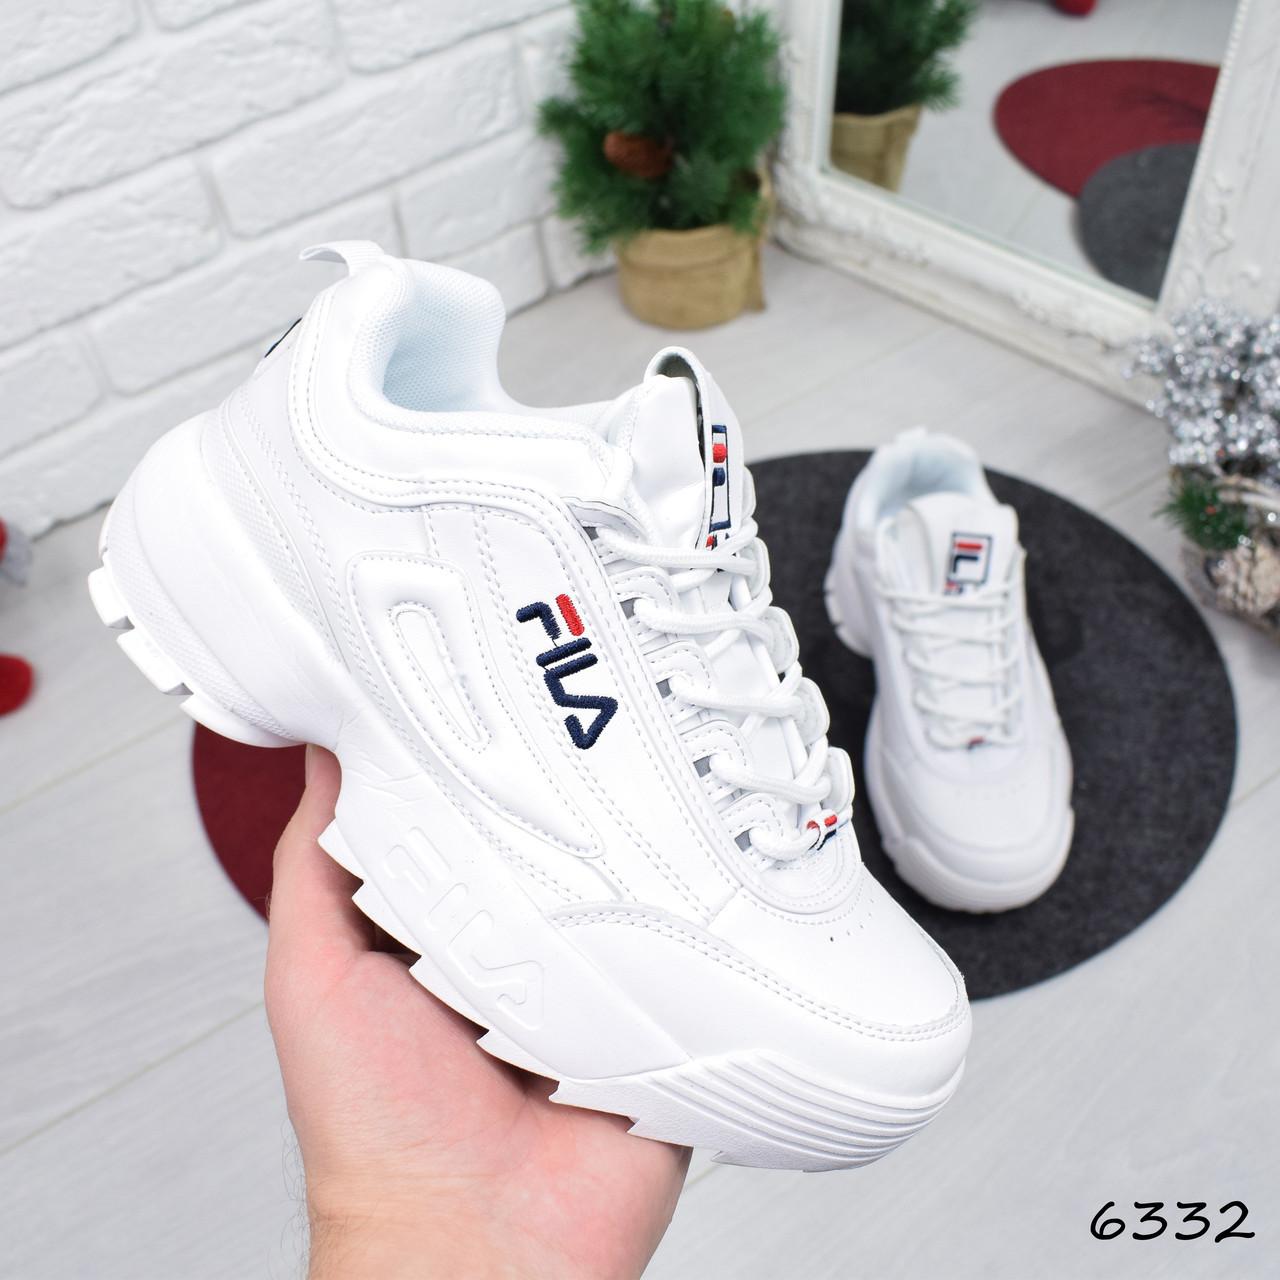 Кроссовки копия Fila Raptor белые натуральная кожа 6332  продажа ... 8d2d0b308a3b6